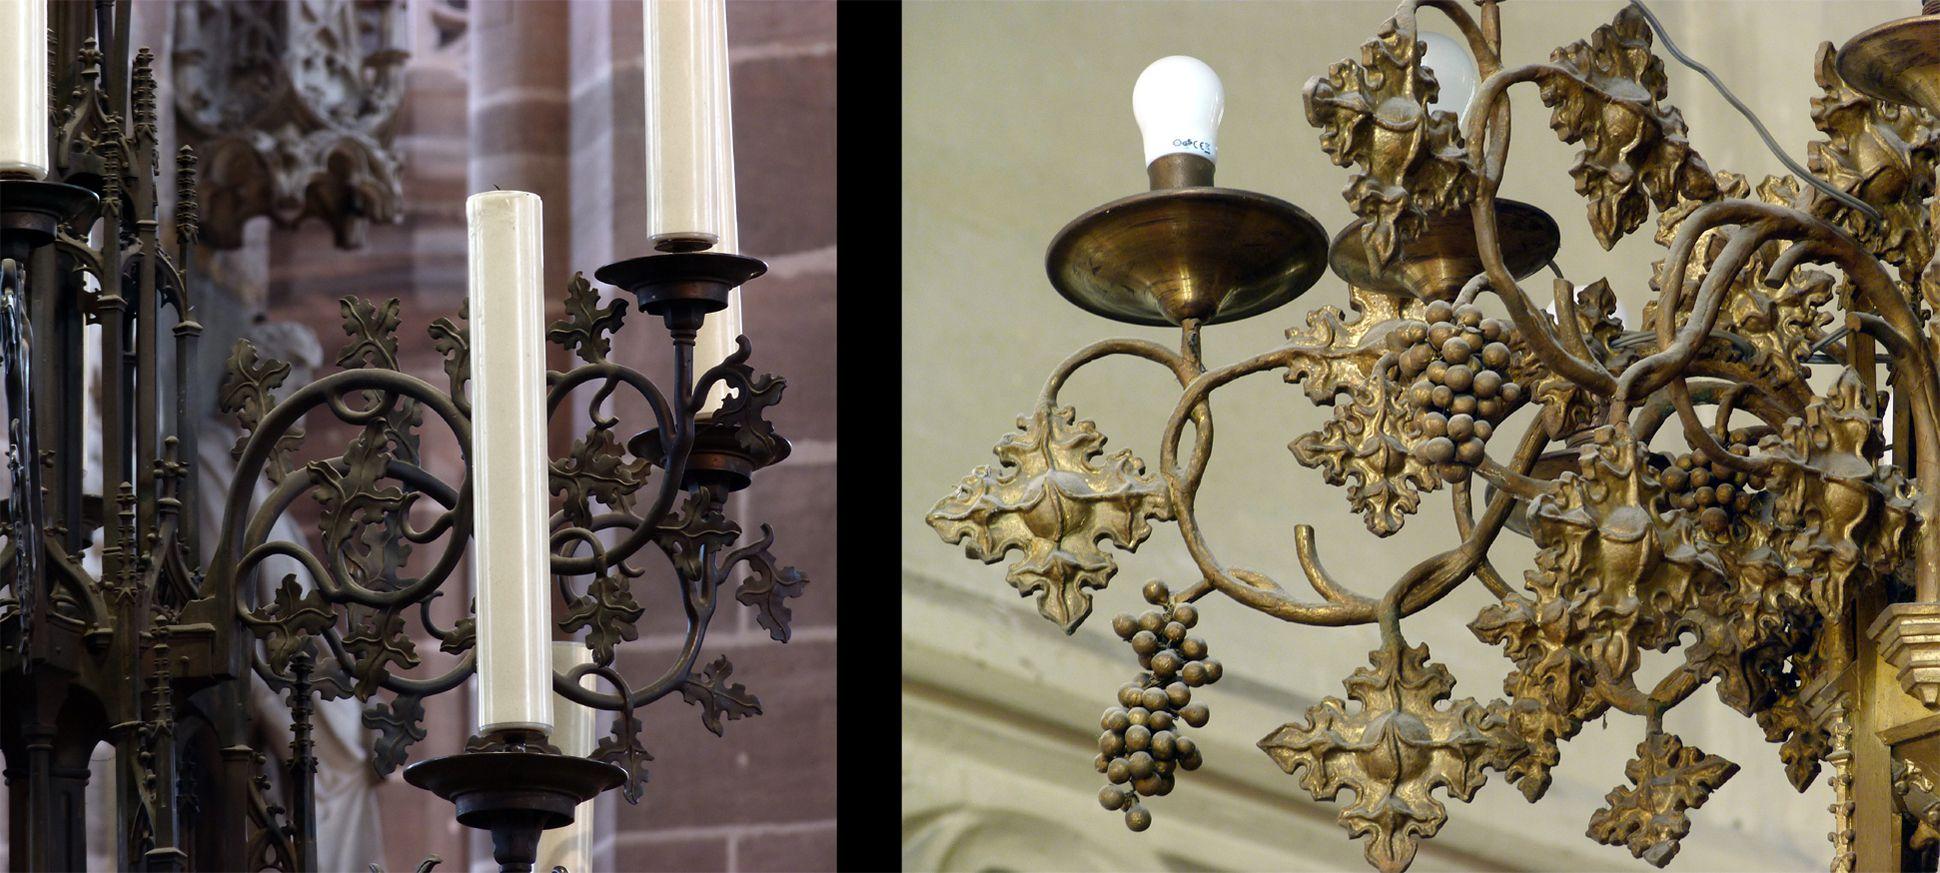 Parish Church St. Peter´s (Sonneberg) Comparison: Chandelier details